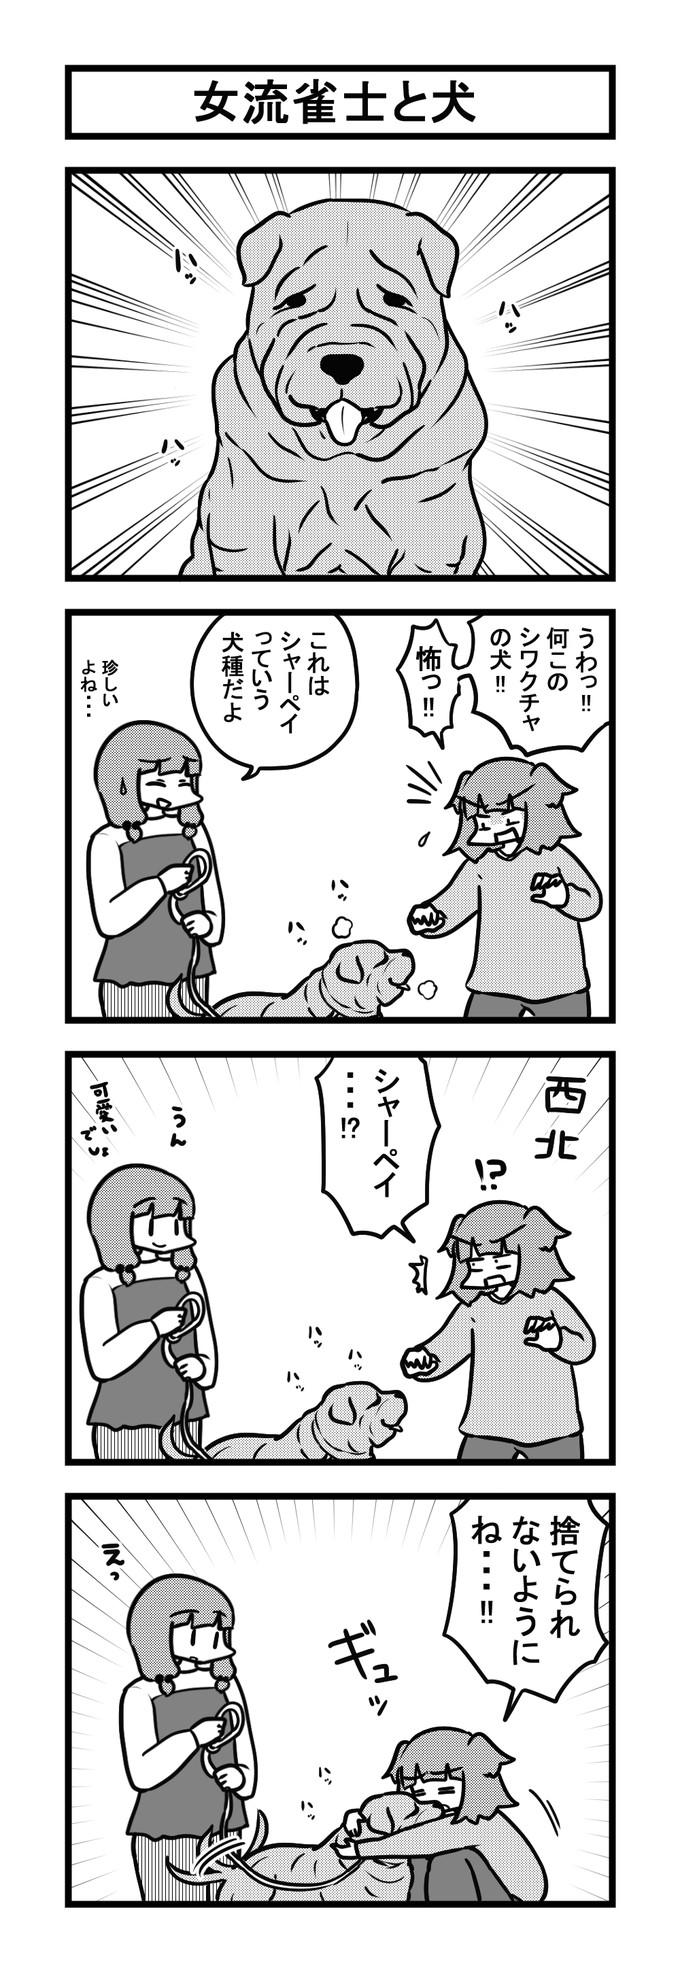 939女流雀士と犬-min